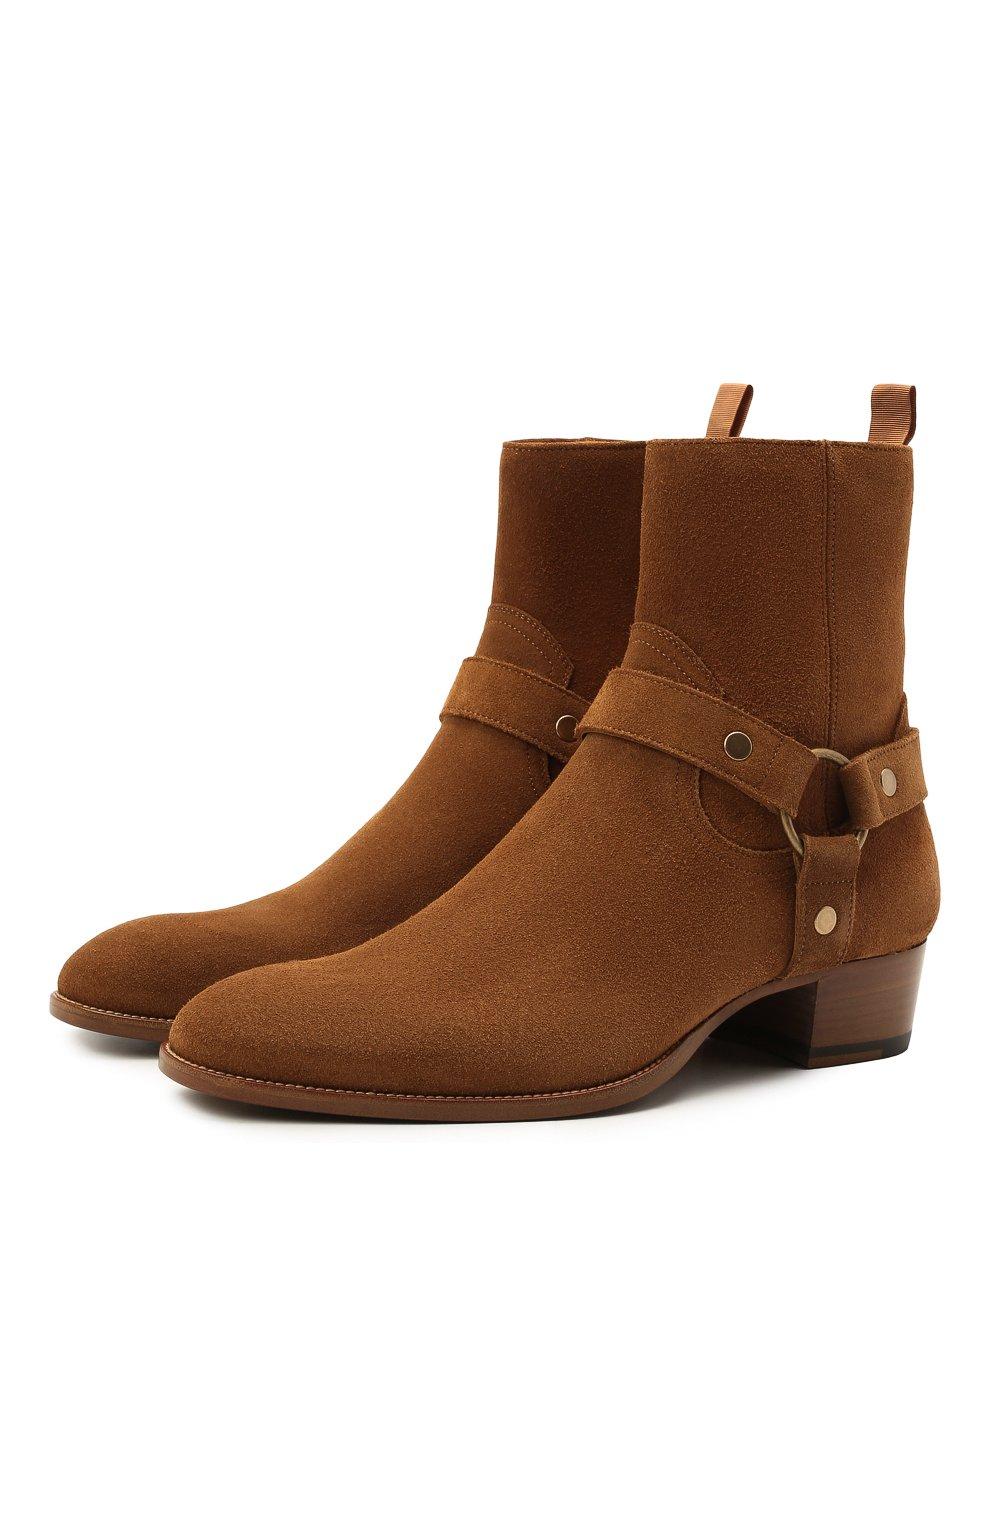 Мужские замшевые сапоги wyatt SAINT LAURENT светло-коричневого цвета, арт. 443190/BPN00 | Фото 1 (Материал внутренний: Натуральная кожа; Мужское Кросс-КТ: Казаки-обувь, Сапоги-обувь; Подошва: Плоская; Материал внешний: Замша)